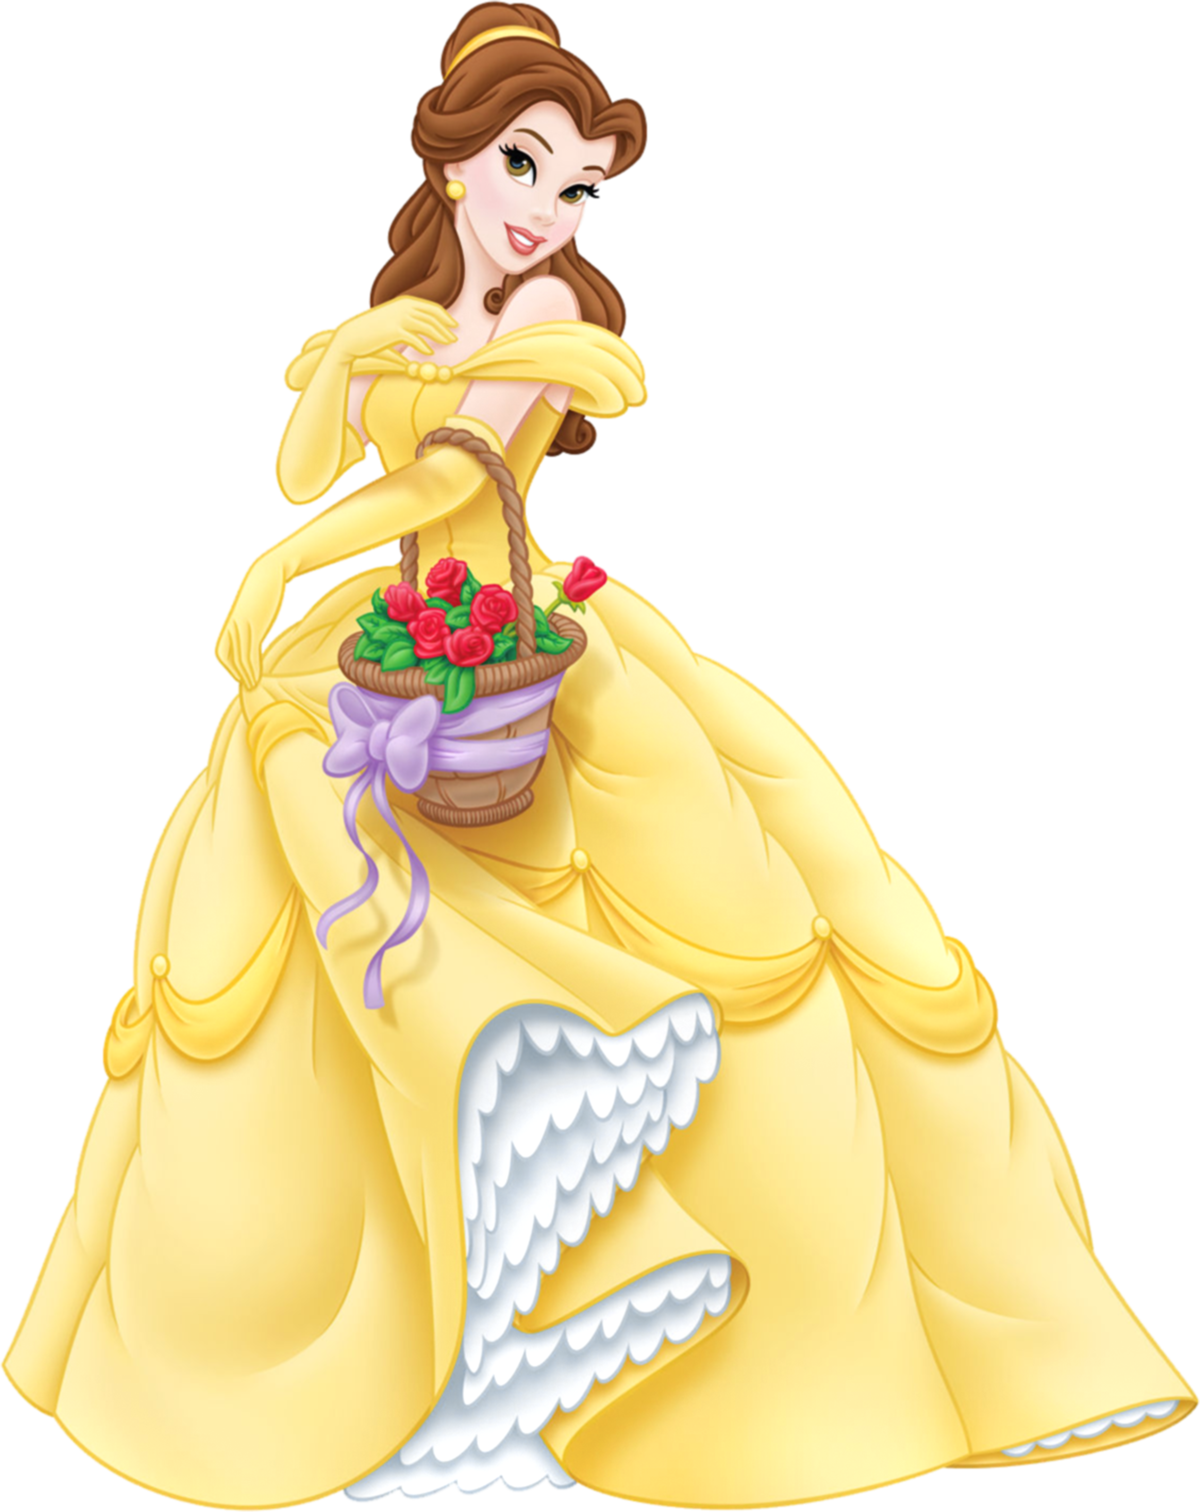 Картинки принцессами диснея, открыток